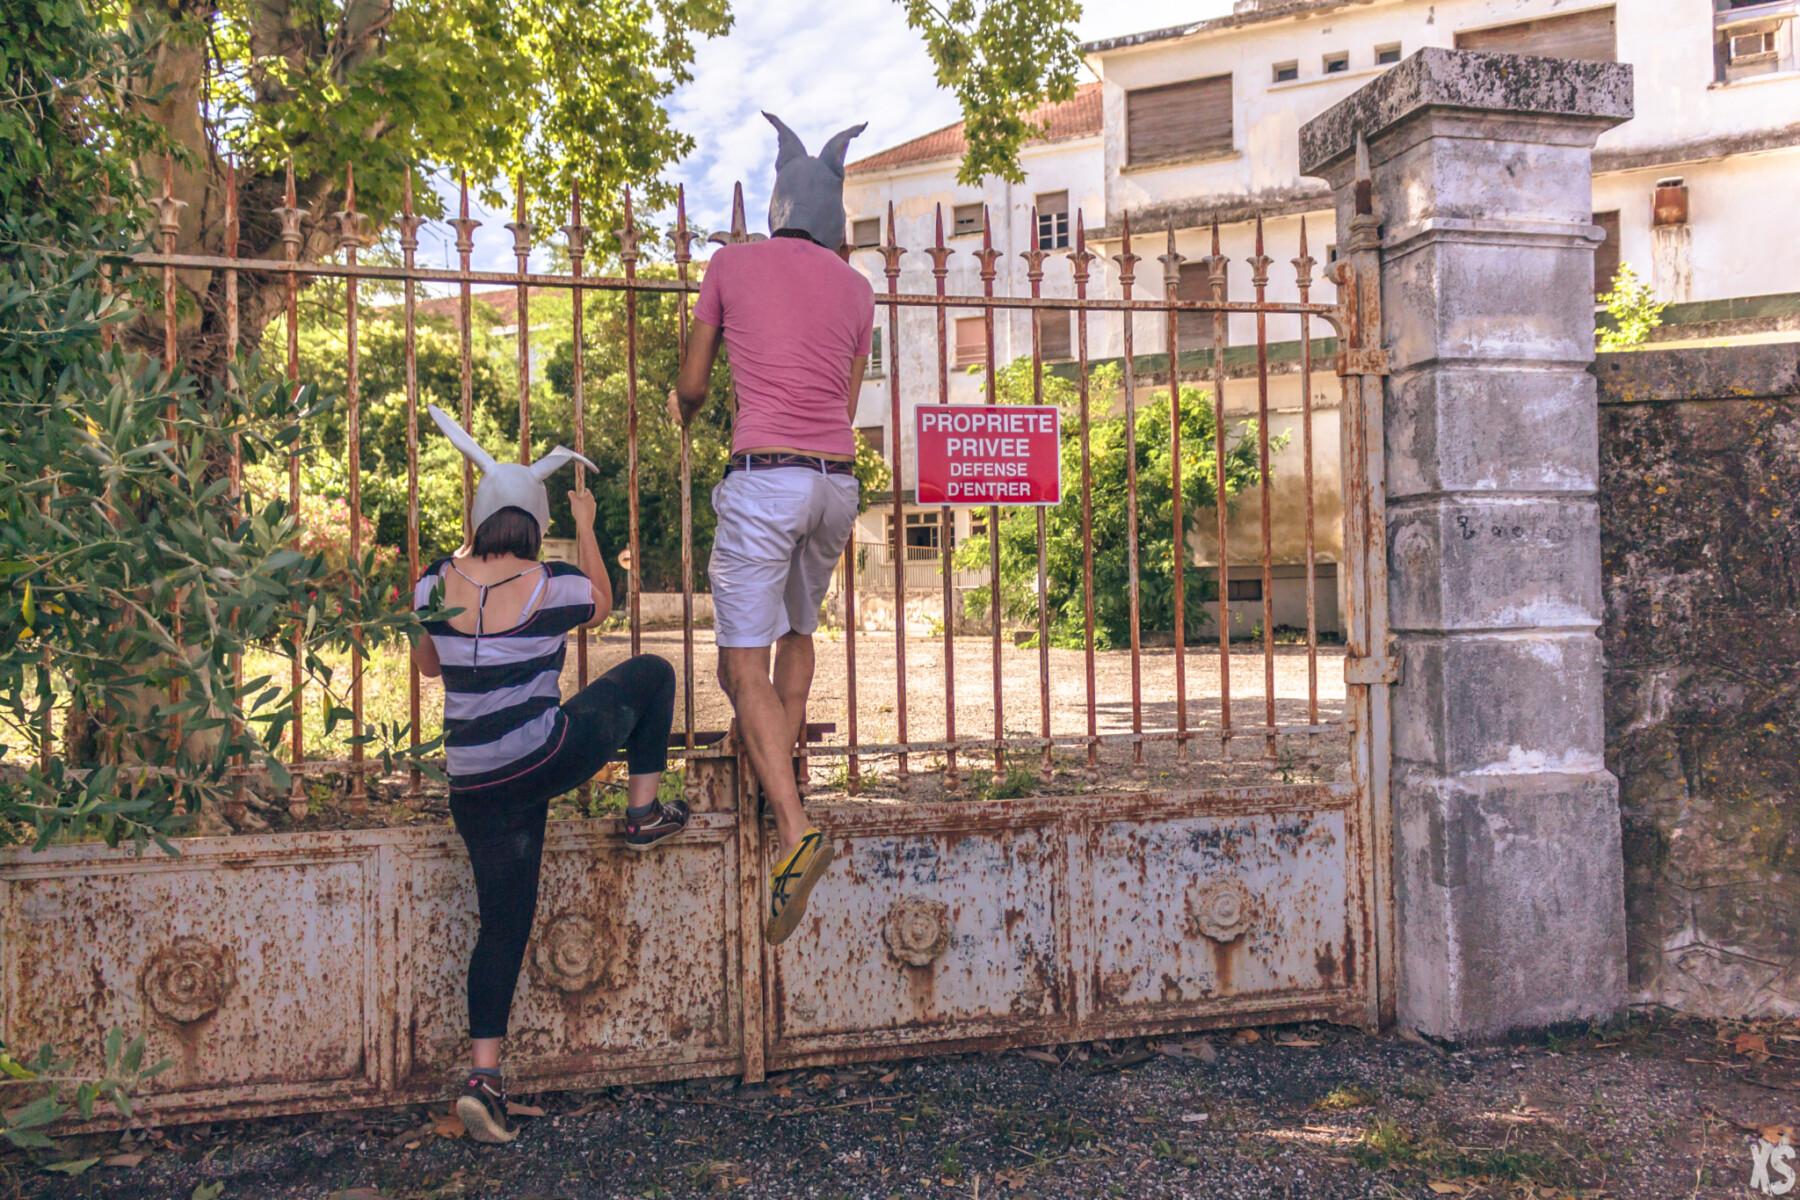 Sanatorium abandonné dans le sud de la France | urbexsession.com/sanatorium-julia-fazekas | Urbex France